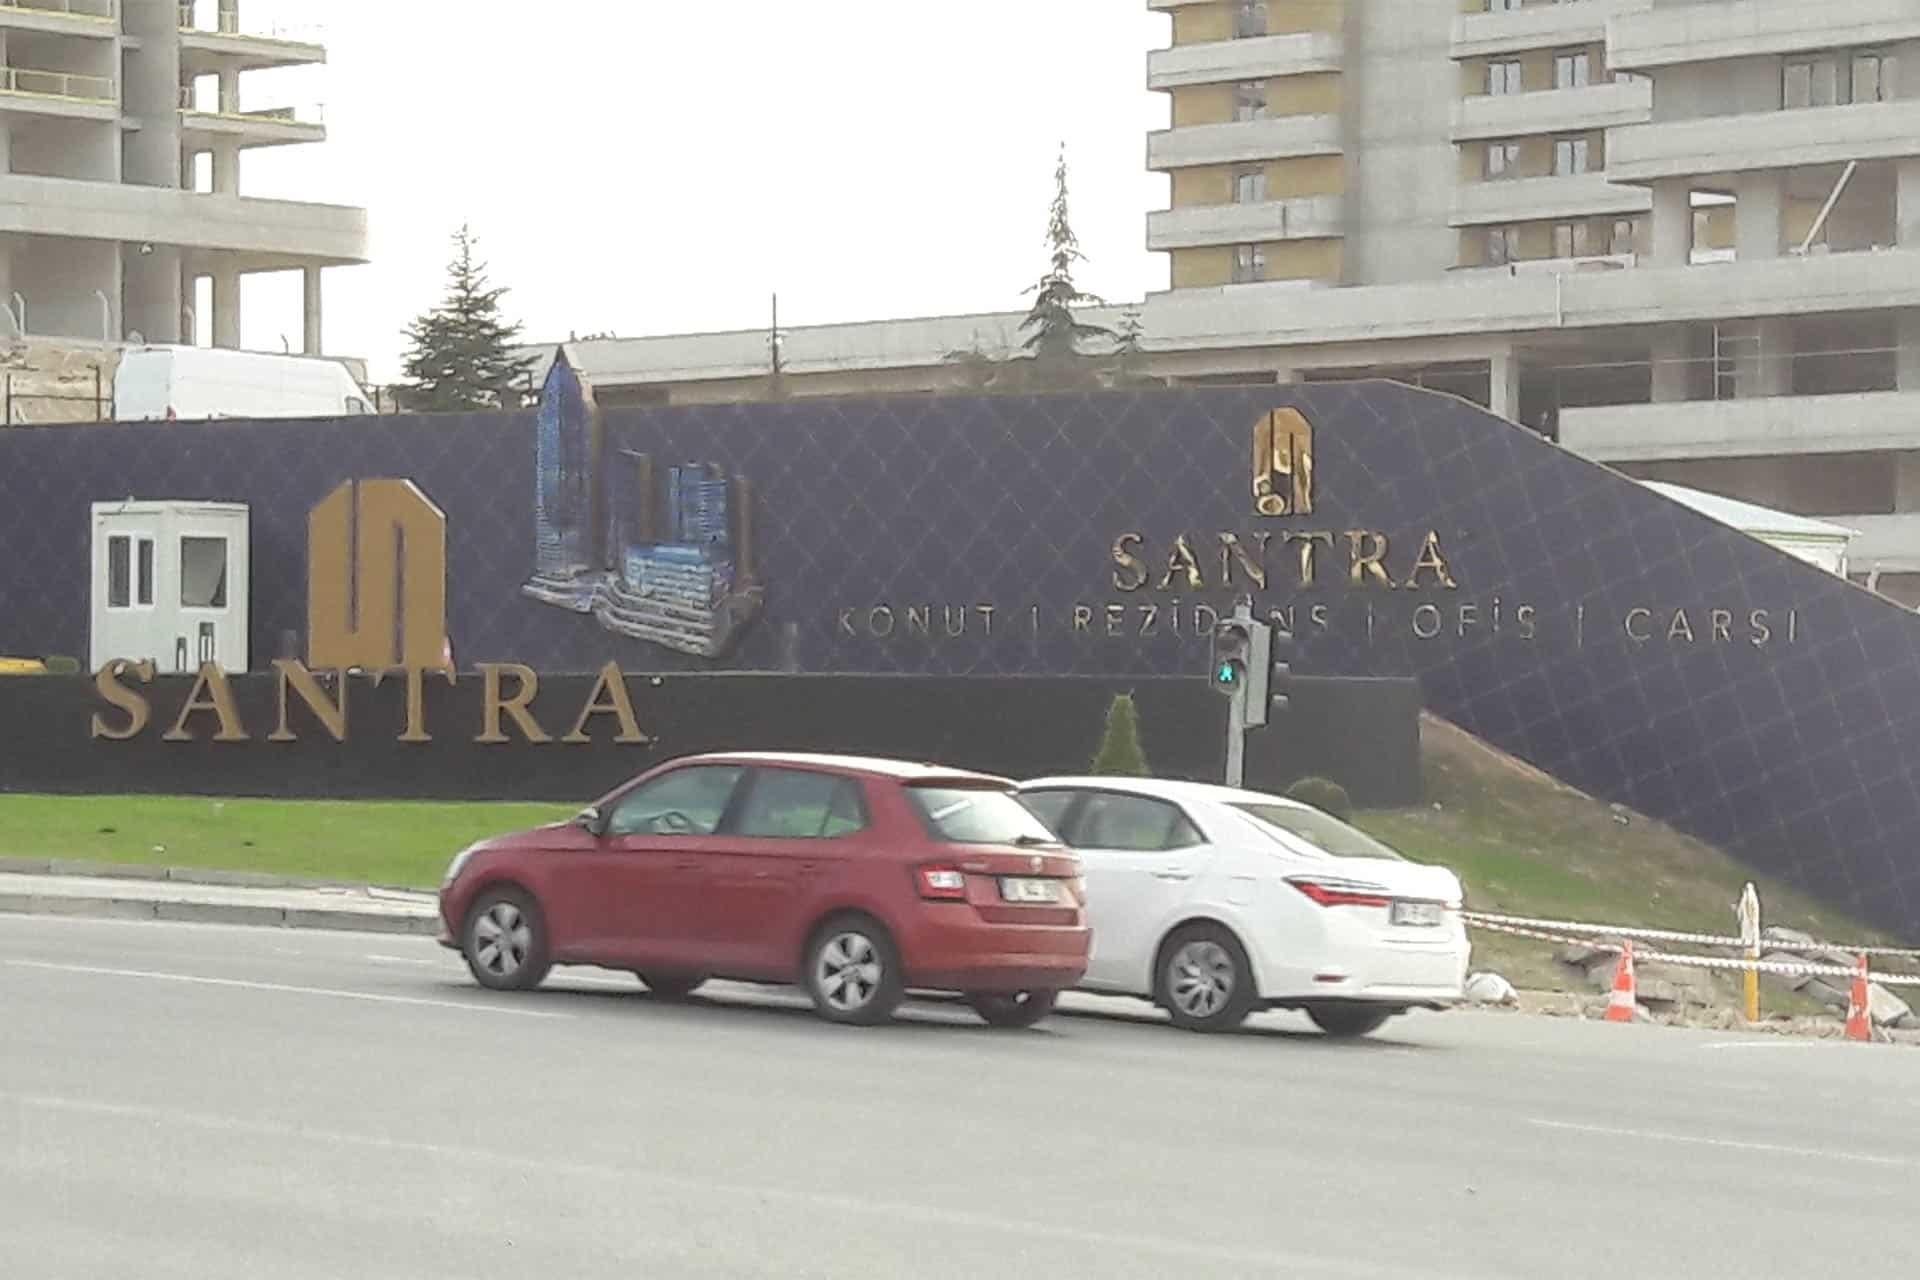 santra konut rezidans ofis insaat reklam duvar baskilari6 - Santra Konut Rezidans İnşaat Duvar Reklam Baskıları